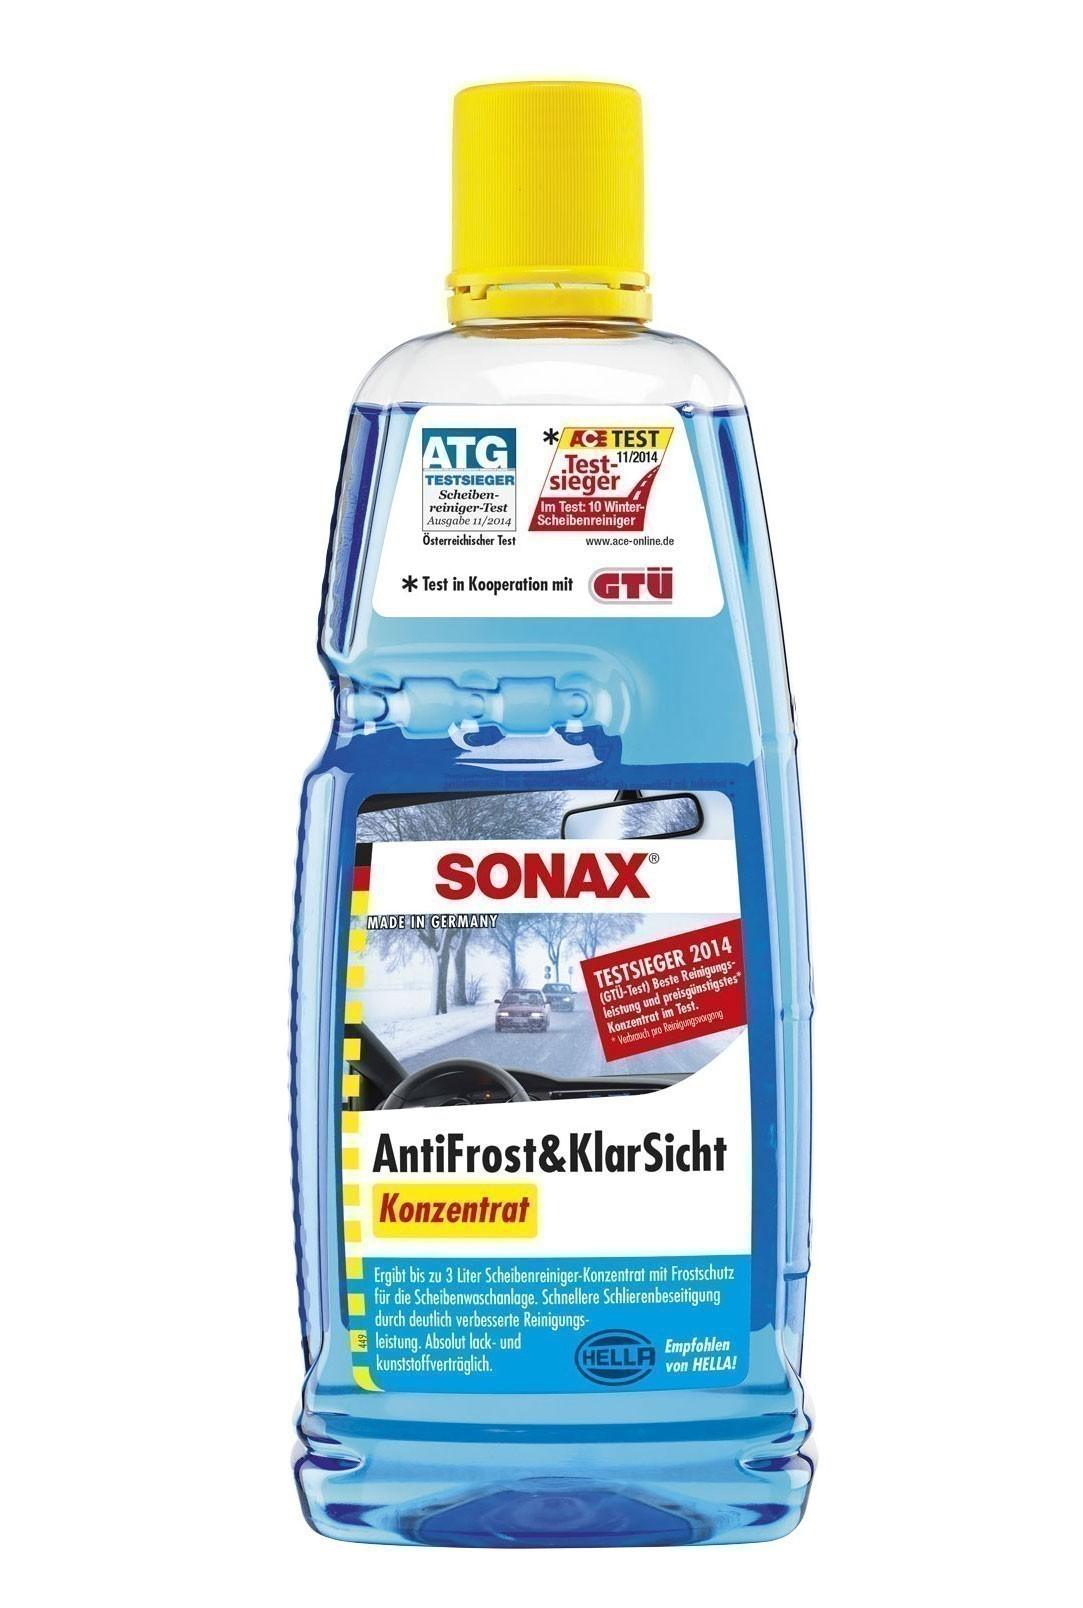 Sonax Anitfrost & Klarsicht Konzentrat mit Citrusduft 1000ml Bild 1